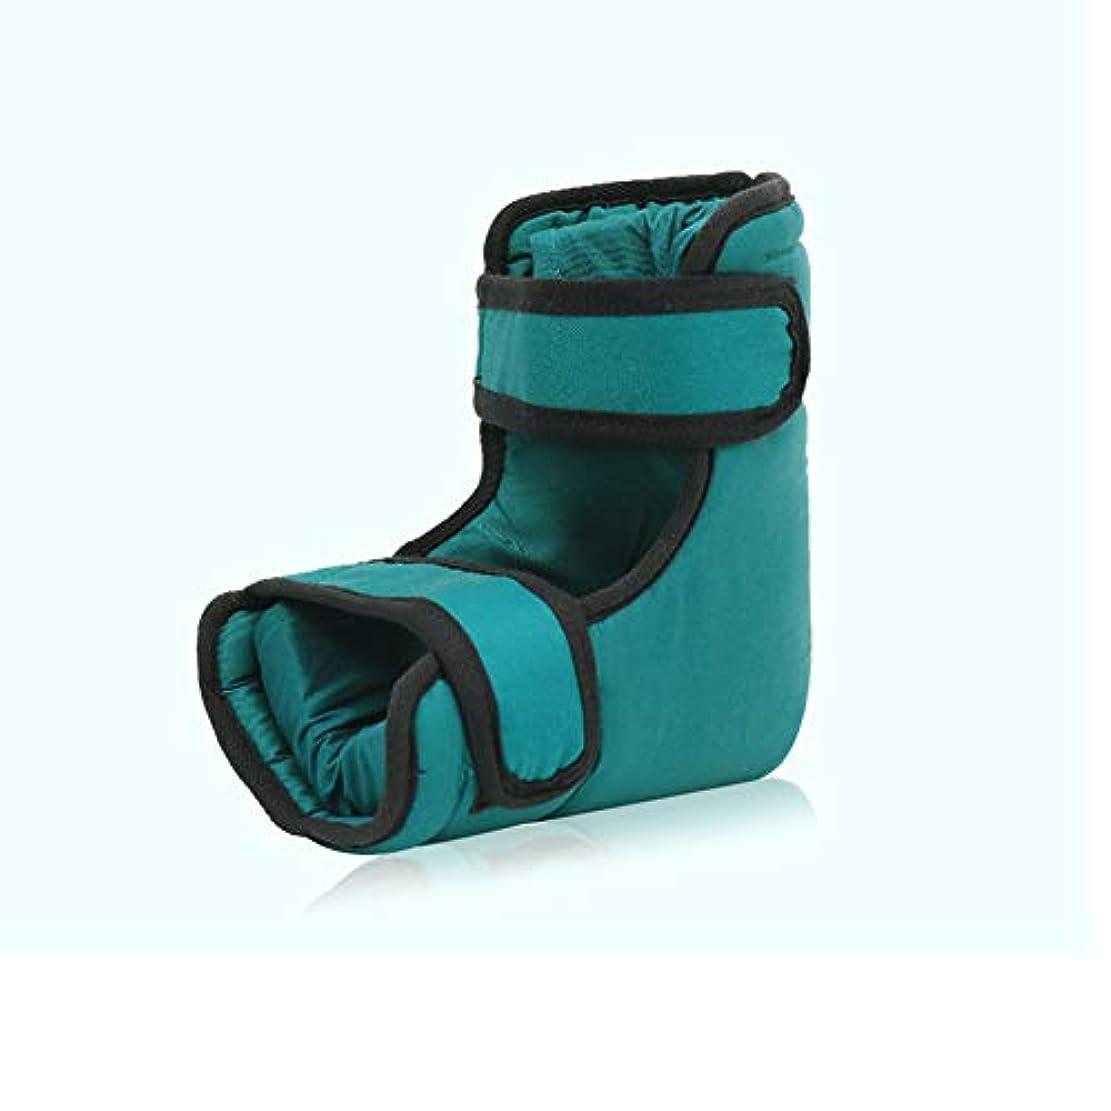 ヒールプロテクター、足首サポートピロー、足圧を和らげる睡眠用、潰瘍および癒しを促進する潰瘍、一対